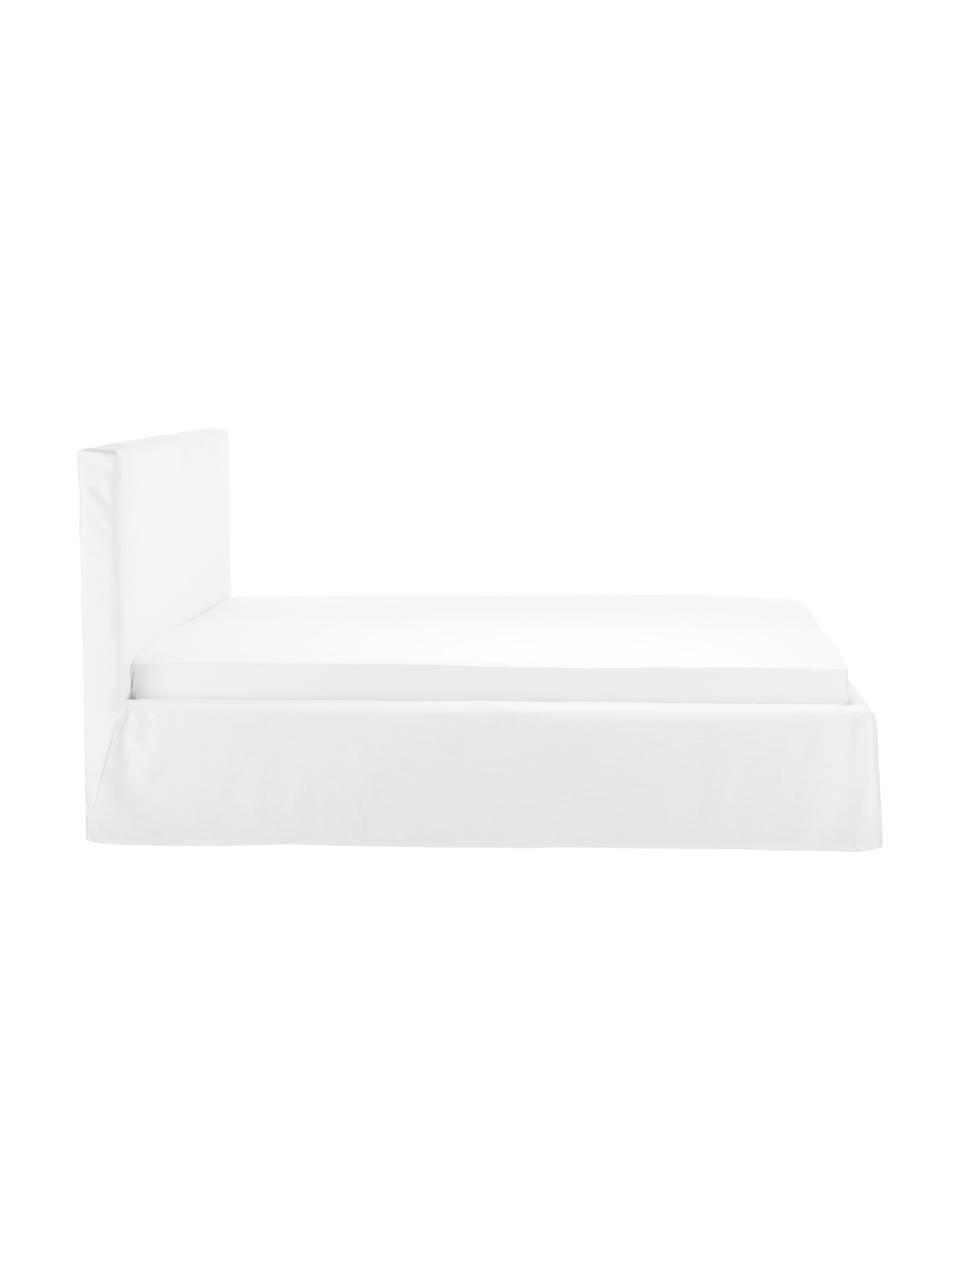 Letto imbottito in tessuto bianco-crema con contenitore Feather, Rivestimento: poliestere (tessuto strut, Bianco crema, 180 x 200 cm